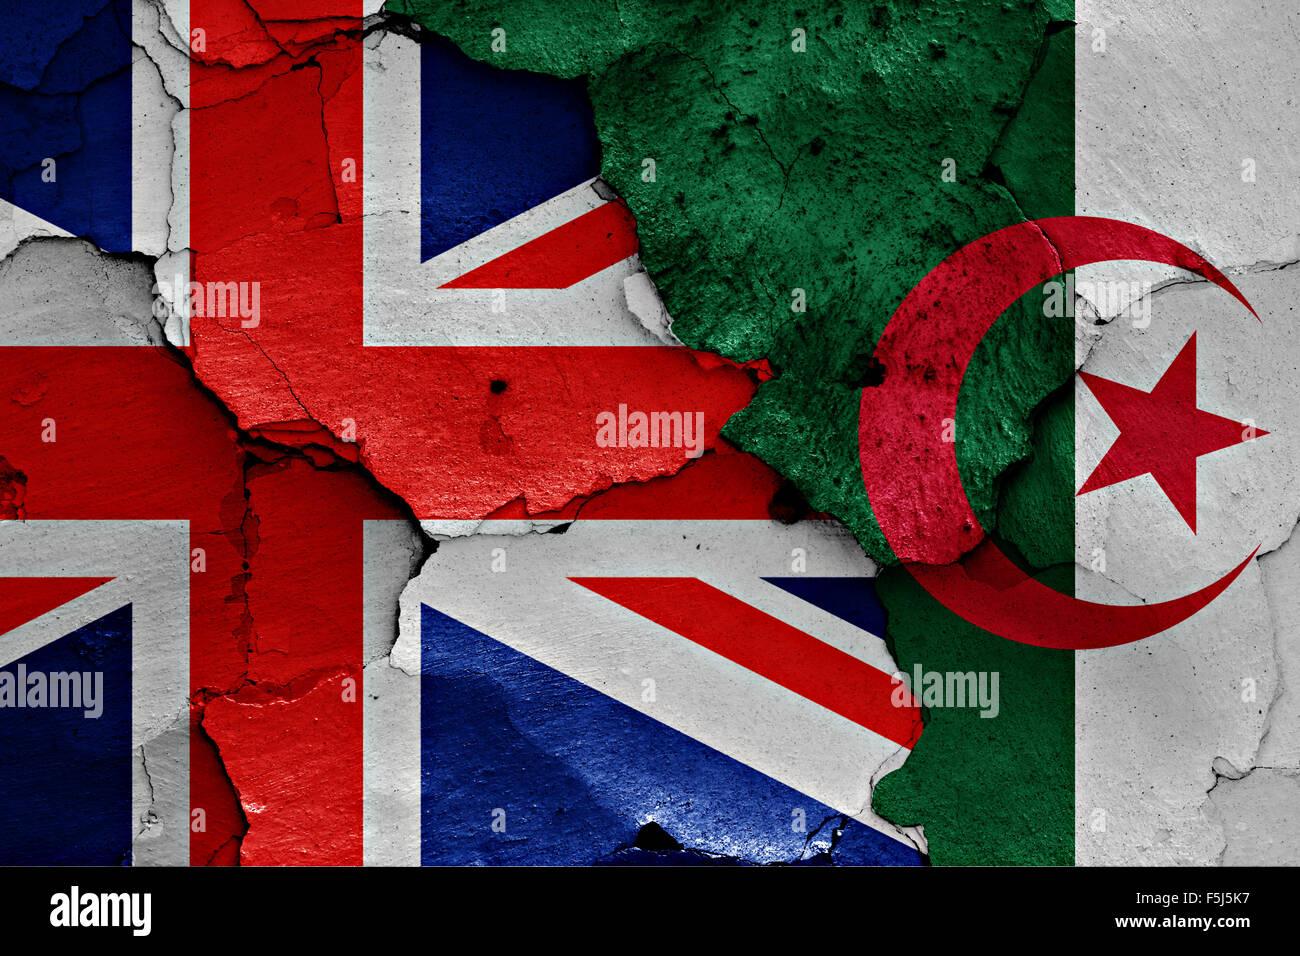 Bandiera del Regno Unito e Algeria dipinta sulla parete incrinato Immagini Stock